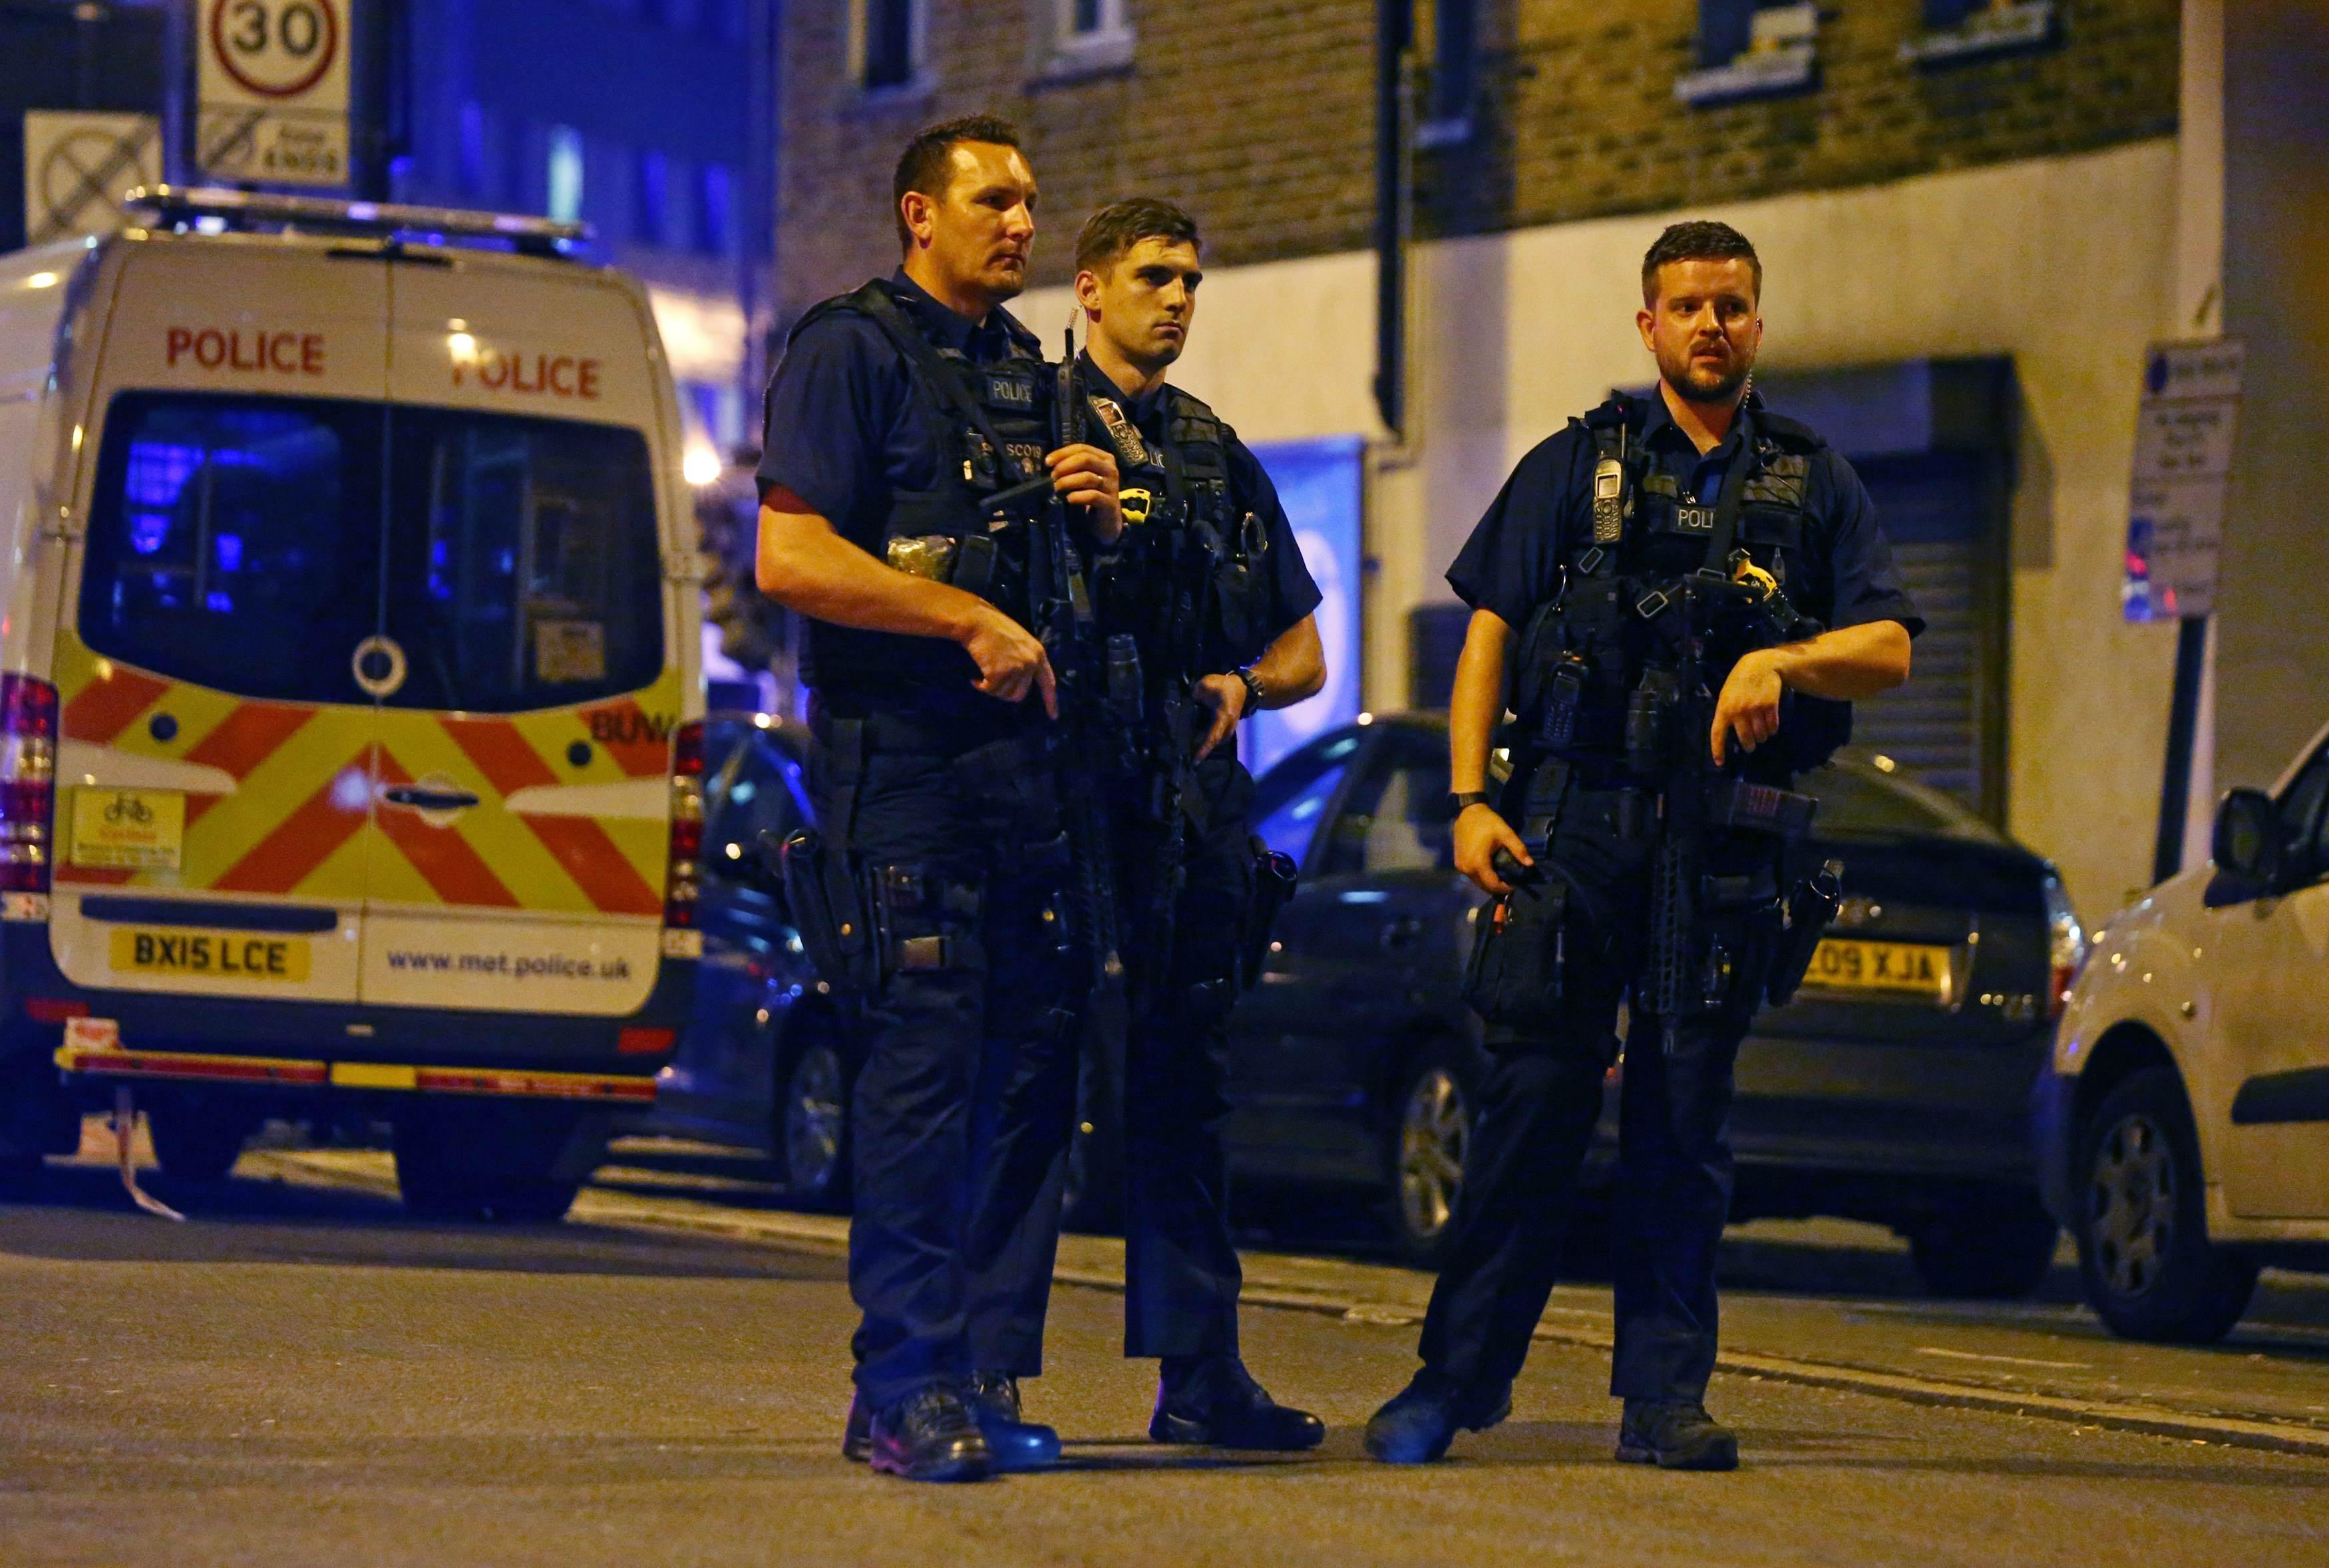 رجال الأمن فى لندن يشددون اجراءاتهم الامنية بموقع الحادث المفجع